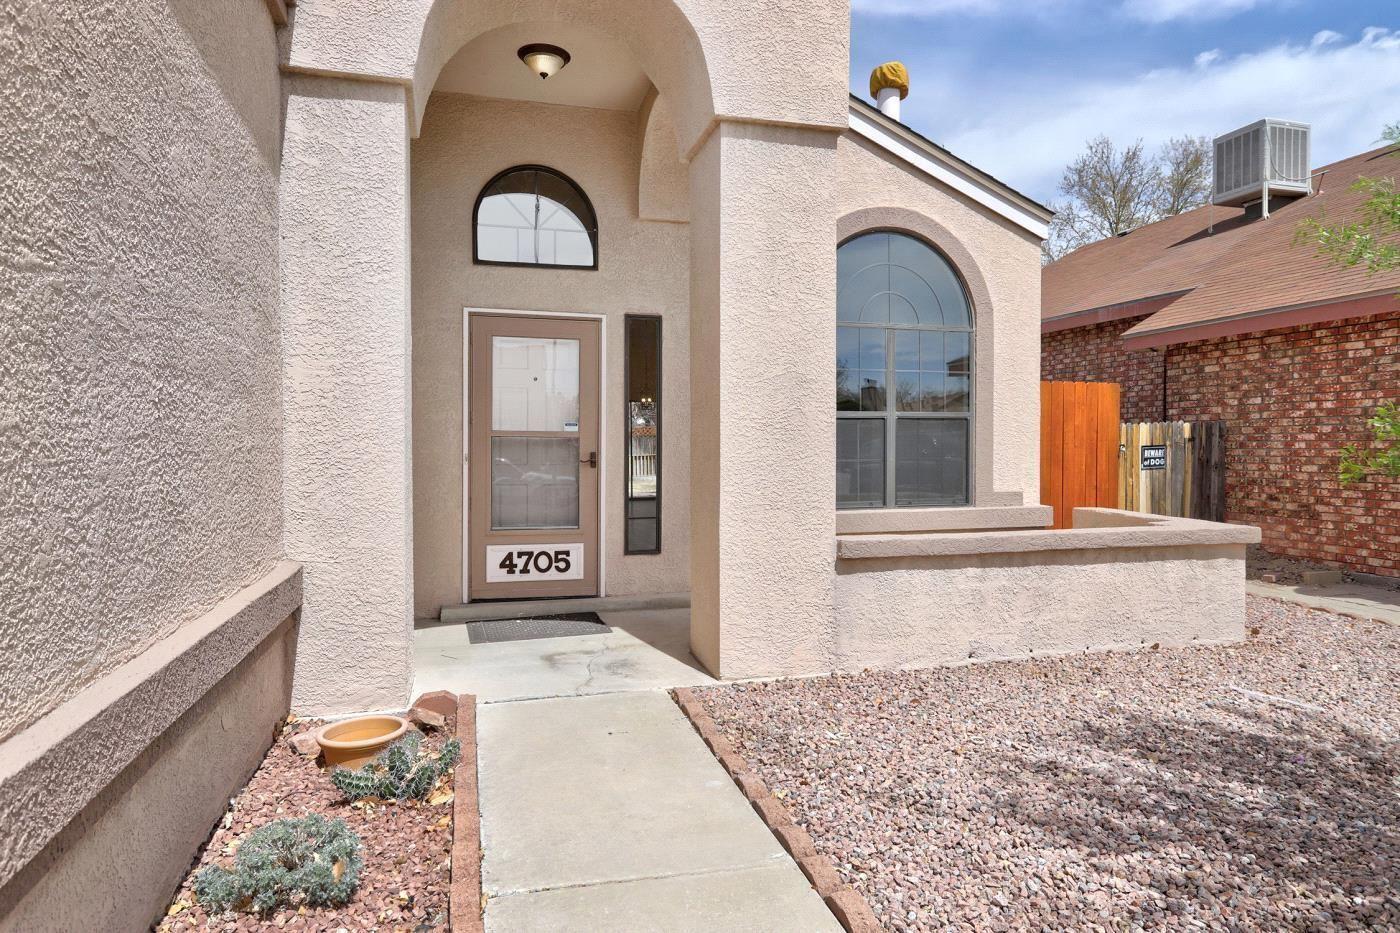 Photo of 4705 PLUME Road NW, Albuquerque, NM 87120 (MLS # 989826)